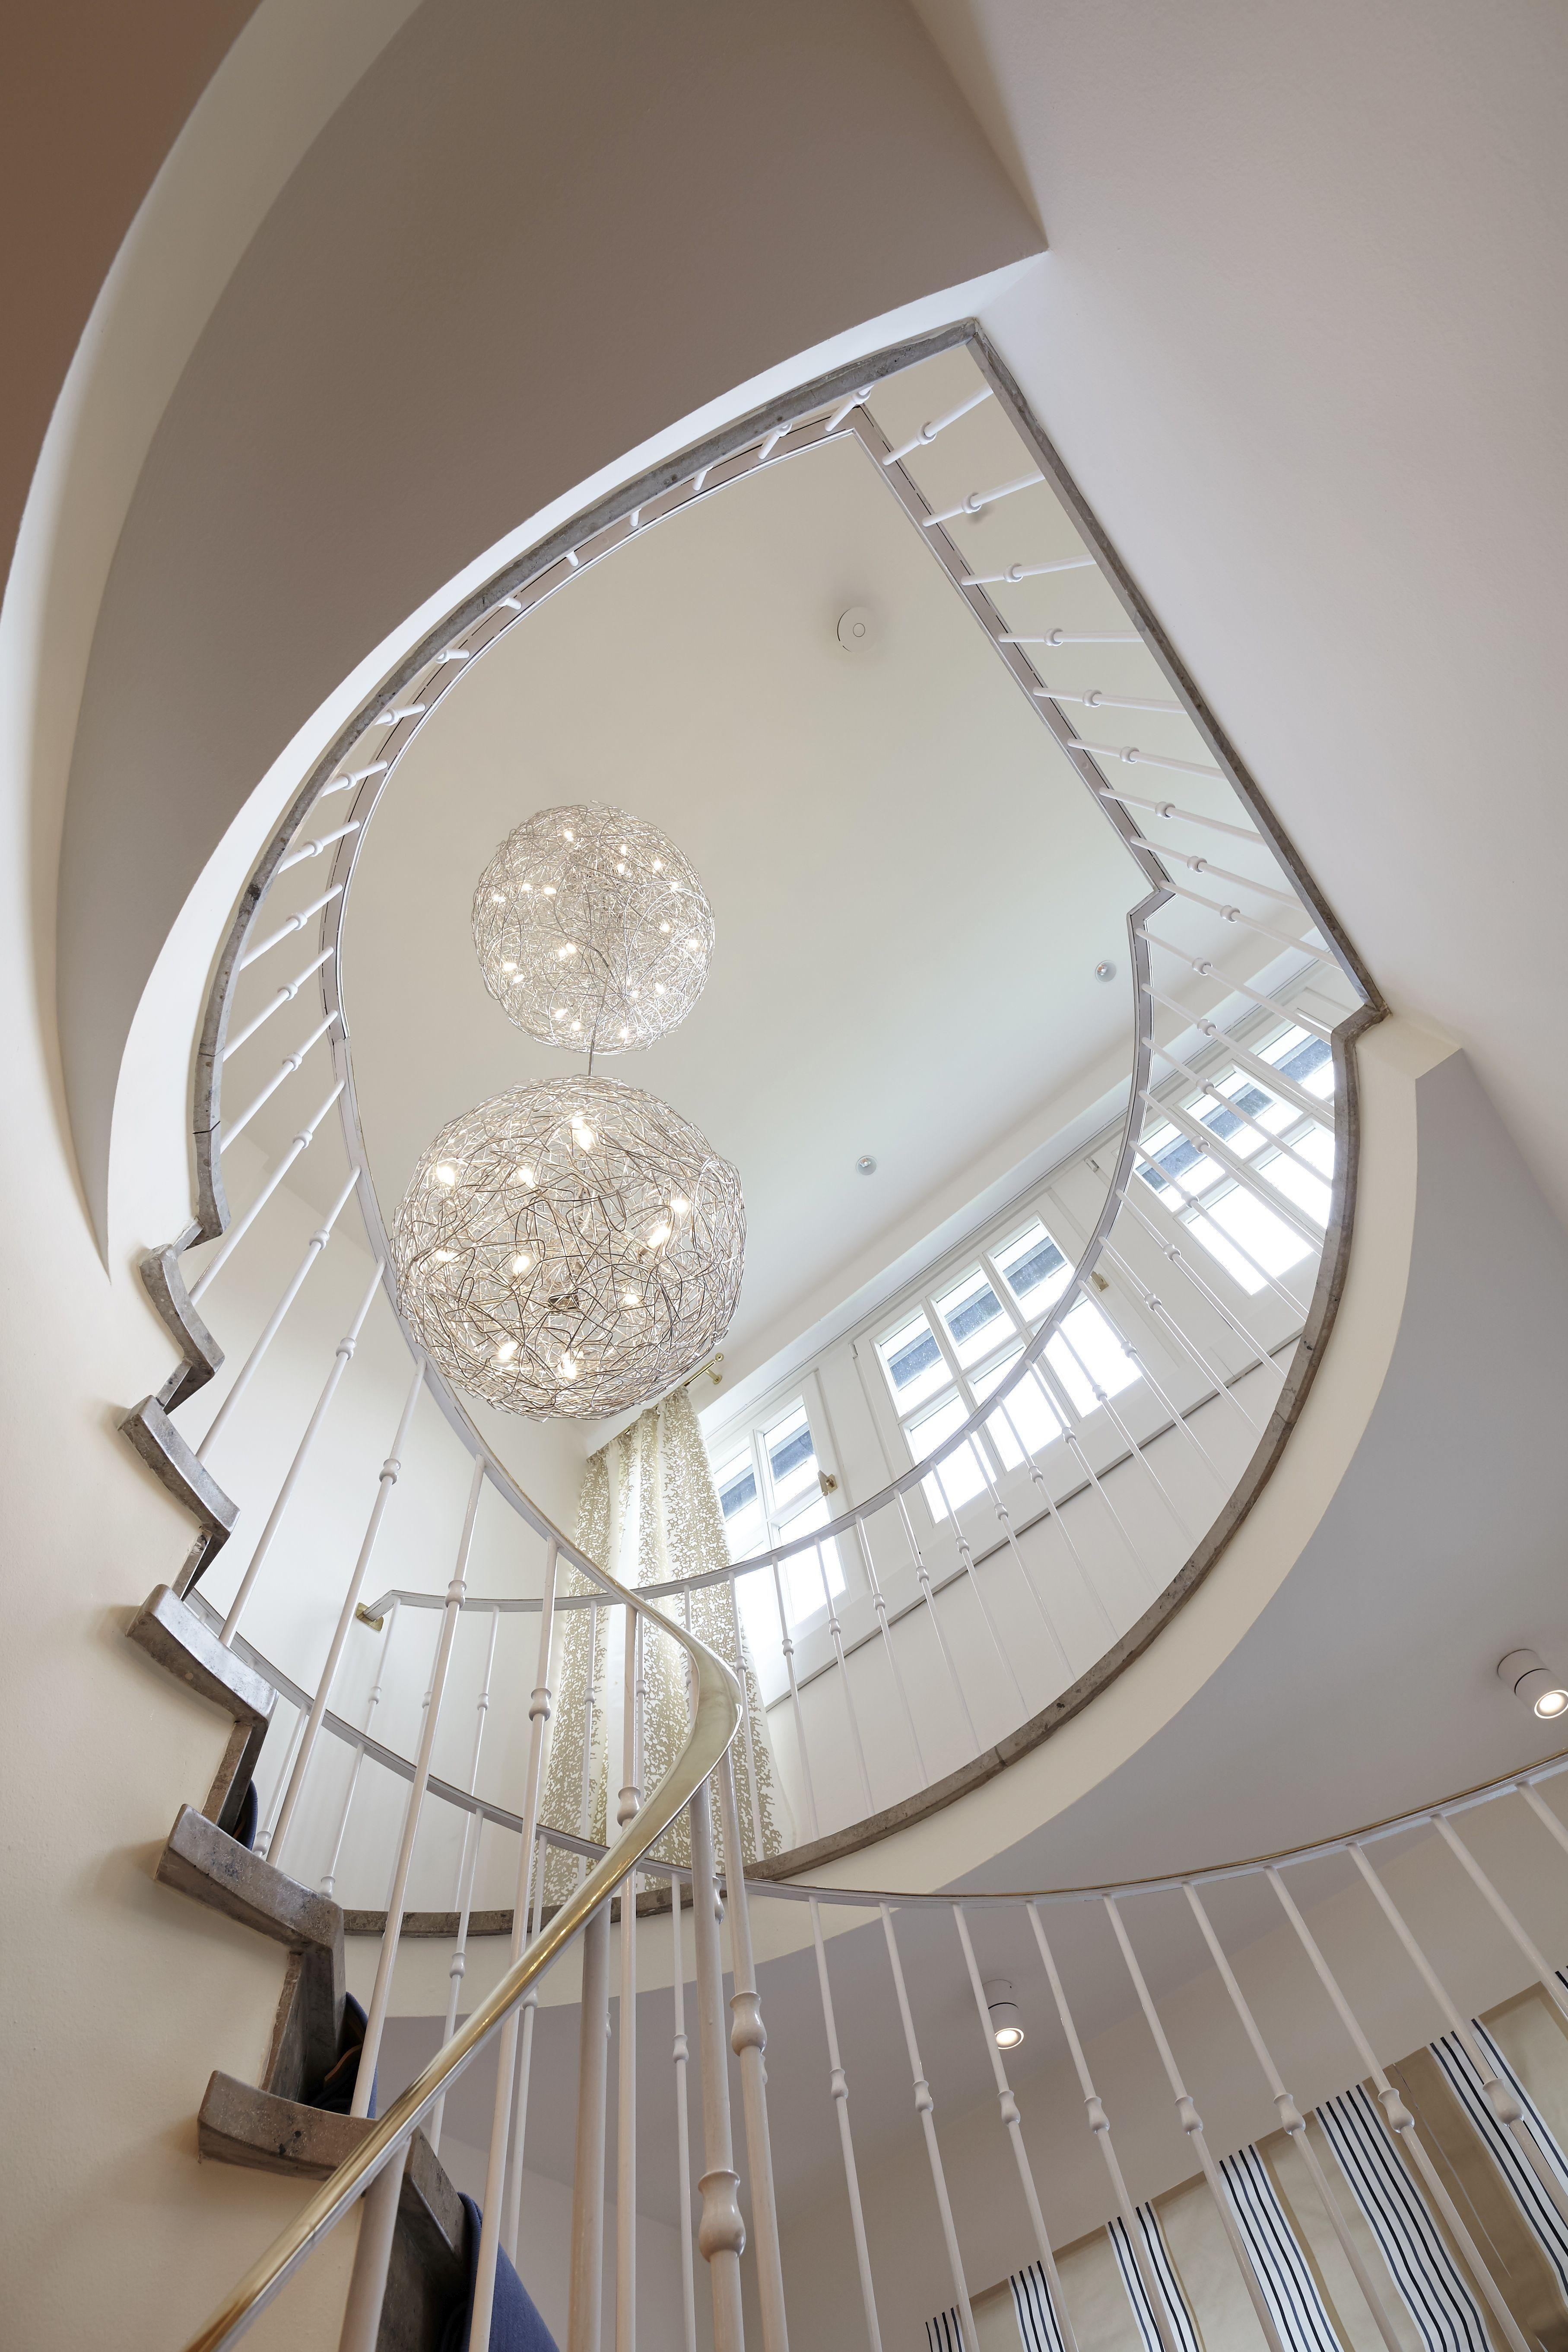 Treppenraum und Lichtgestaltung mit individueller Anfertiger einer ...